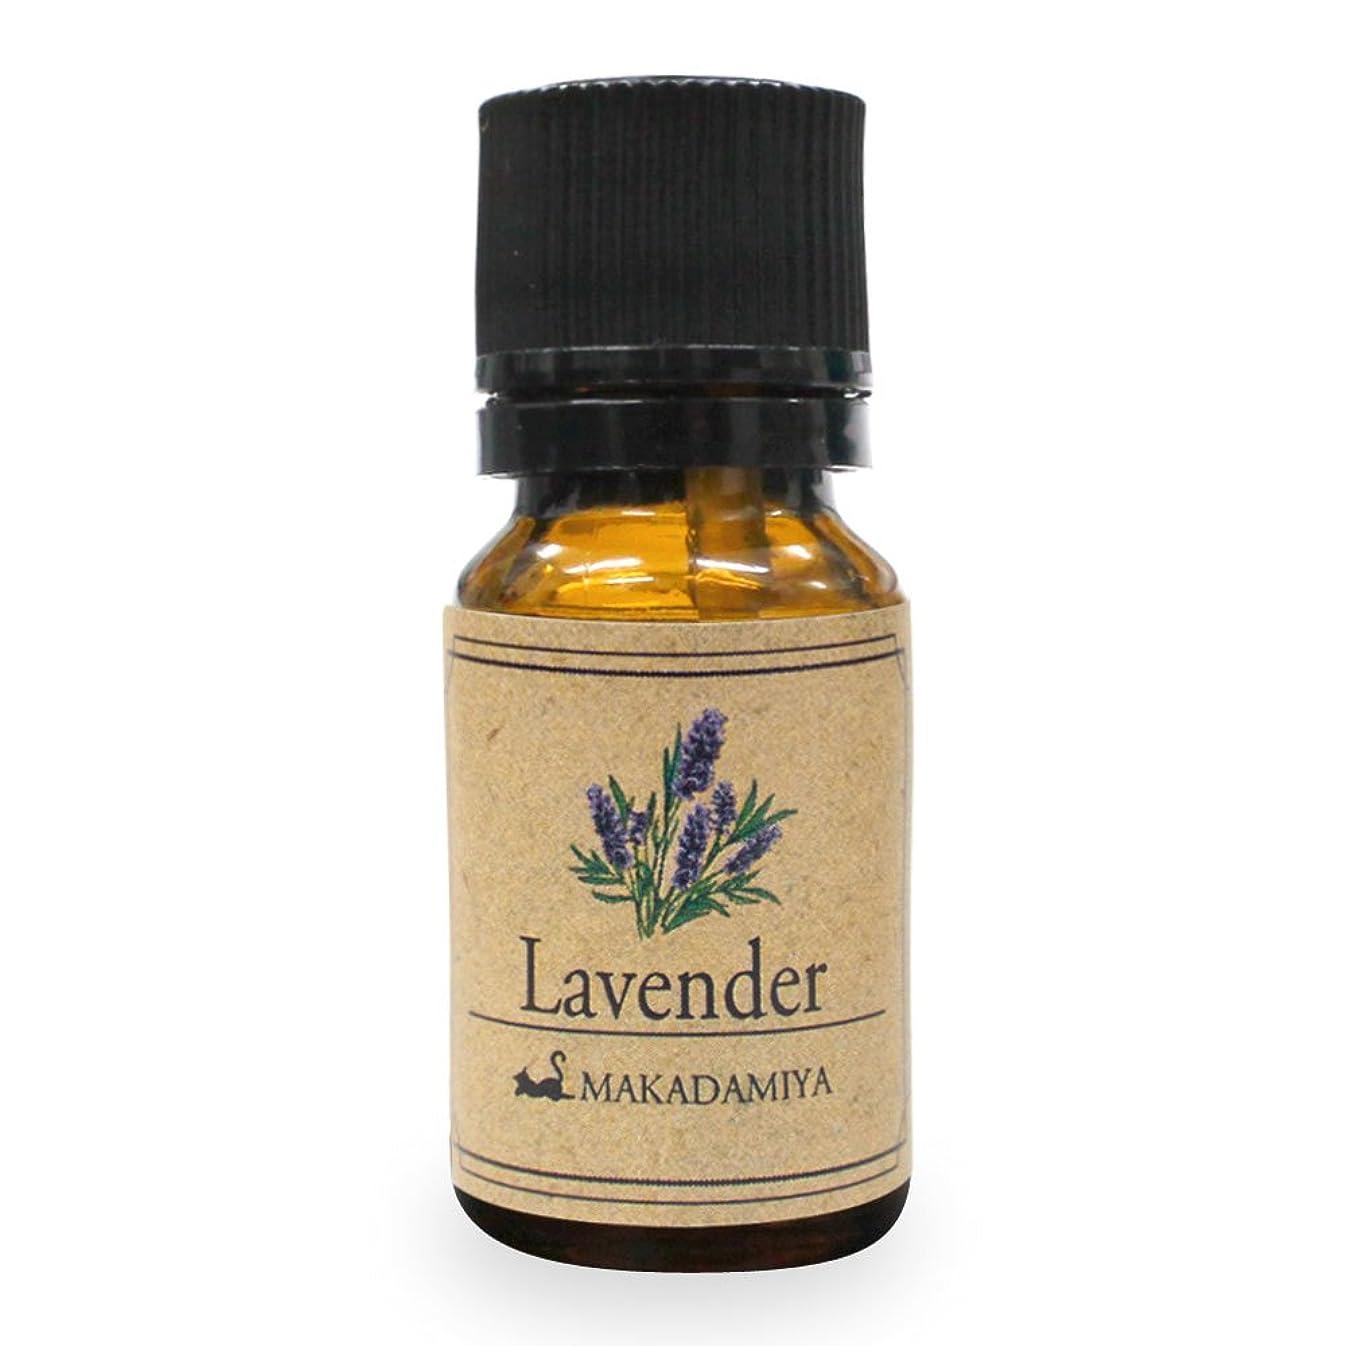 相談するシンカン子音ラベンダー10ml 天然100%植物性 エッセンシャルオイル(精油) アロマオイル アロママッサージ aroma Lavender